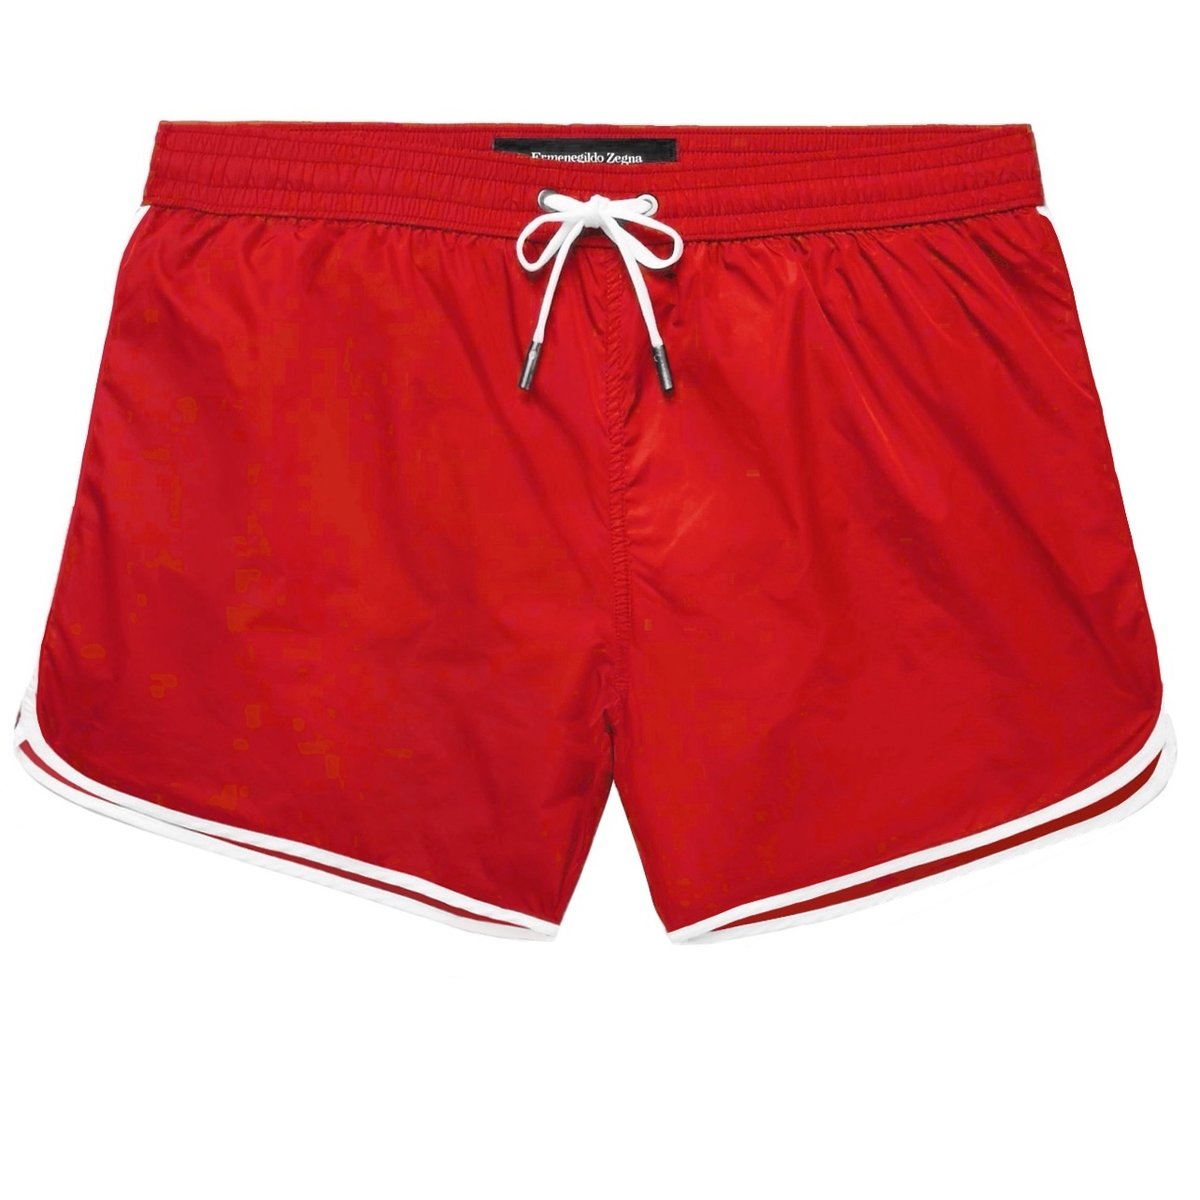 ermenegildo-zegna-red-Mid-length-Swim-Shorts.jpg